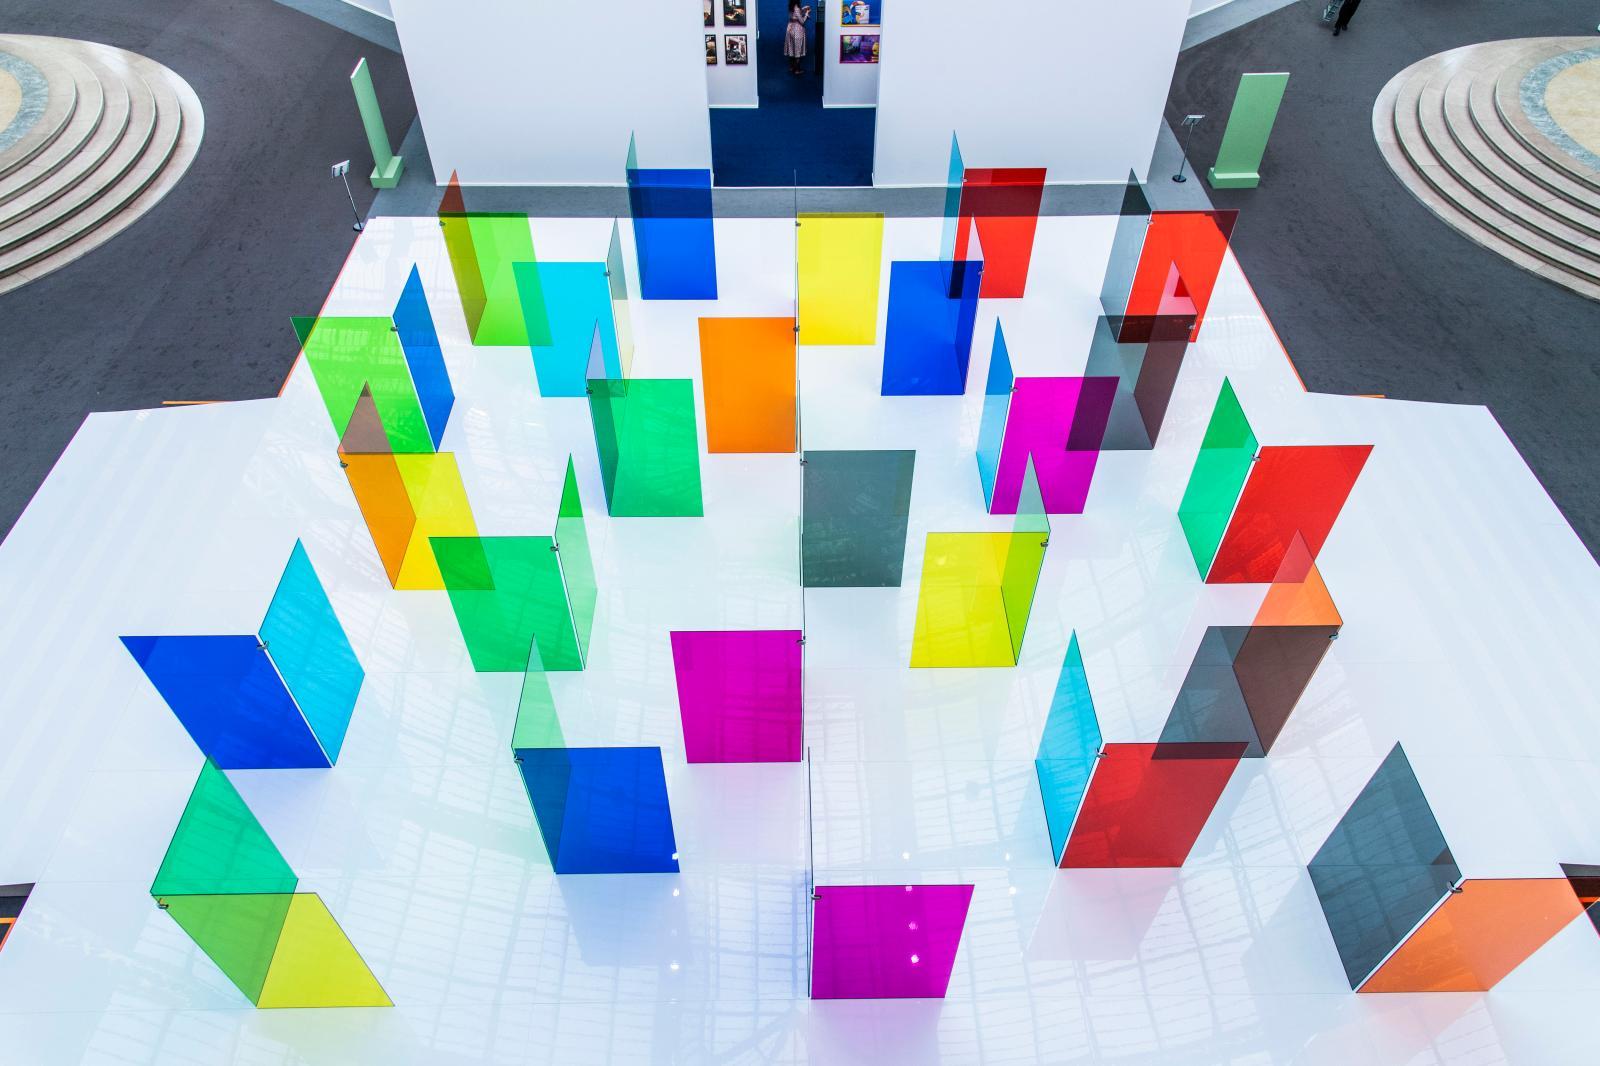 L'installation de Carlos Cruz-Díez présentée au Grand Palais par la galerie Valérie Bach à la Biennale Paris 2019.© Julio Piatti